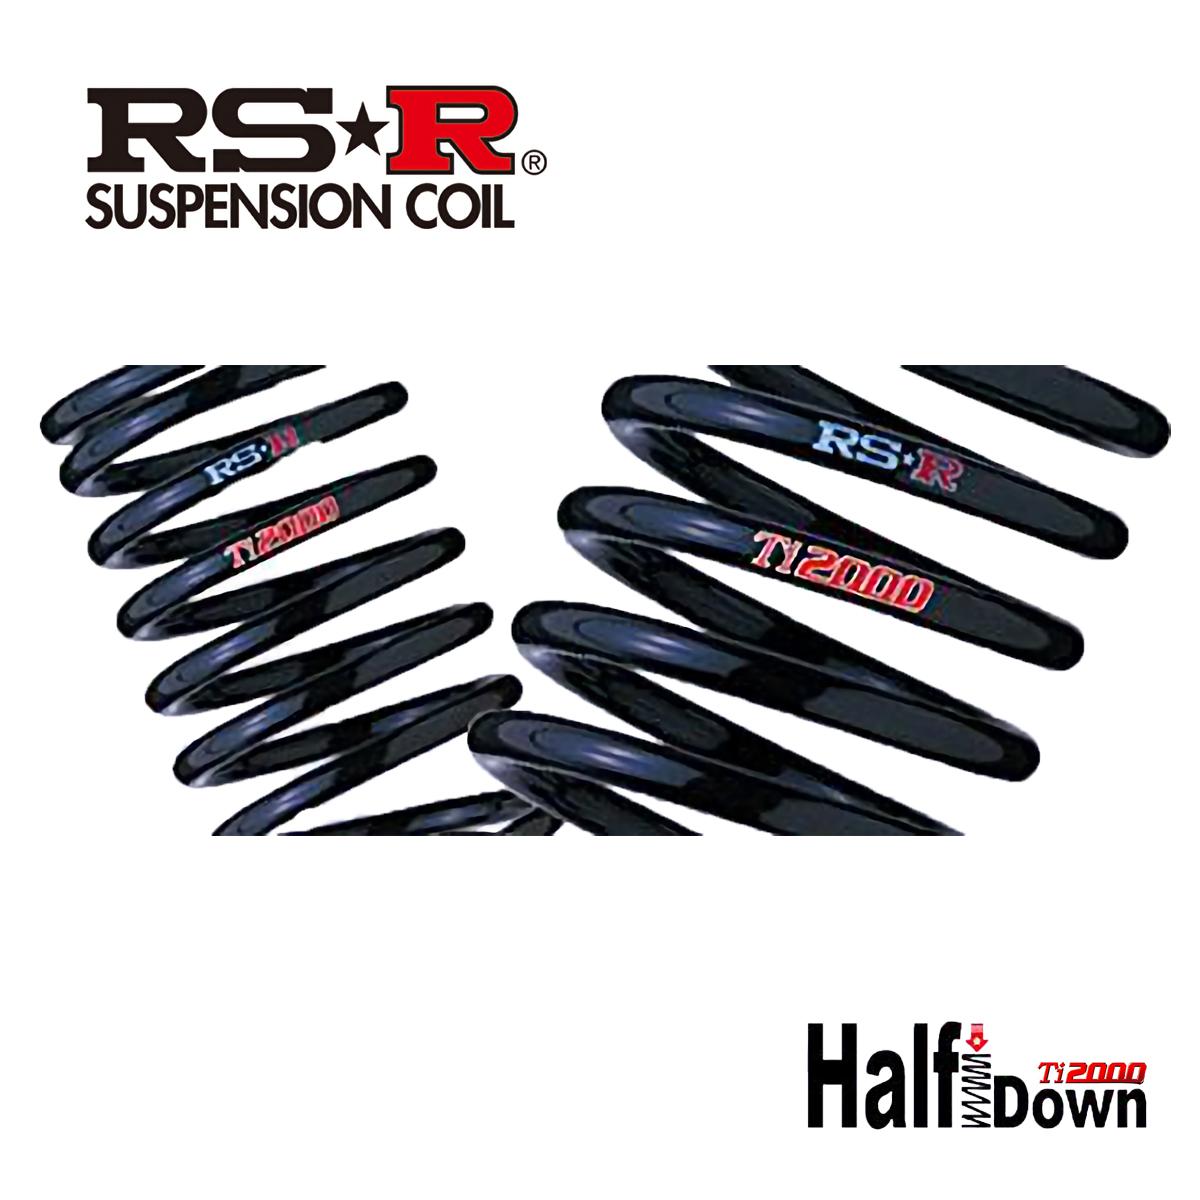 RS-R アルトワークス ベースグレード HA36S ダウンサス スプリング 1台分 S023THD Ti2000 ハーフダウン RSR 個人宅発送追金有